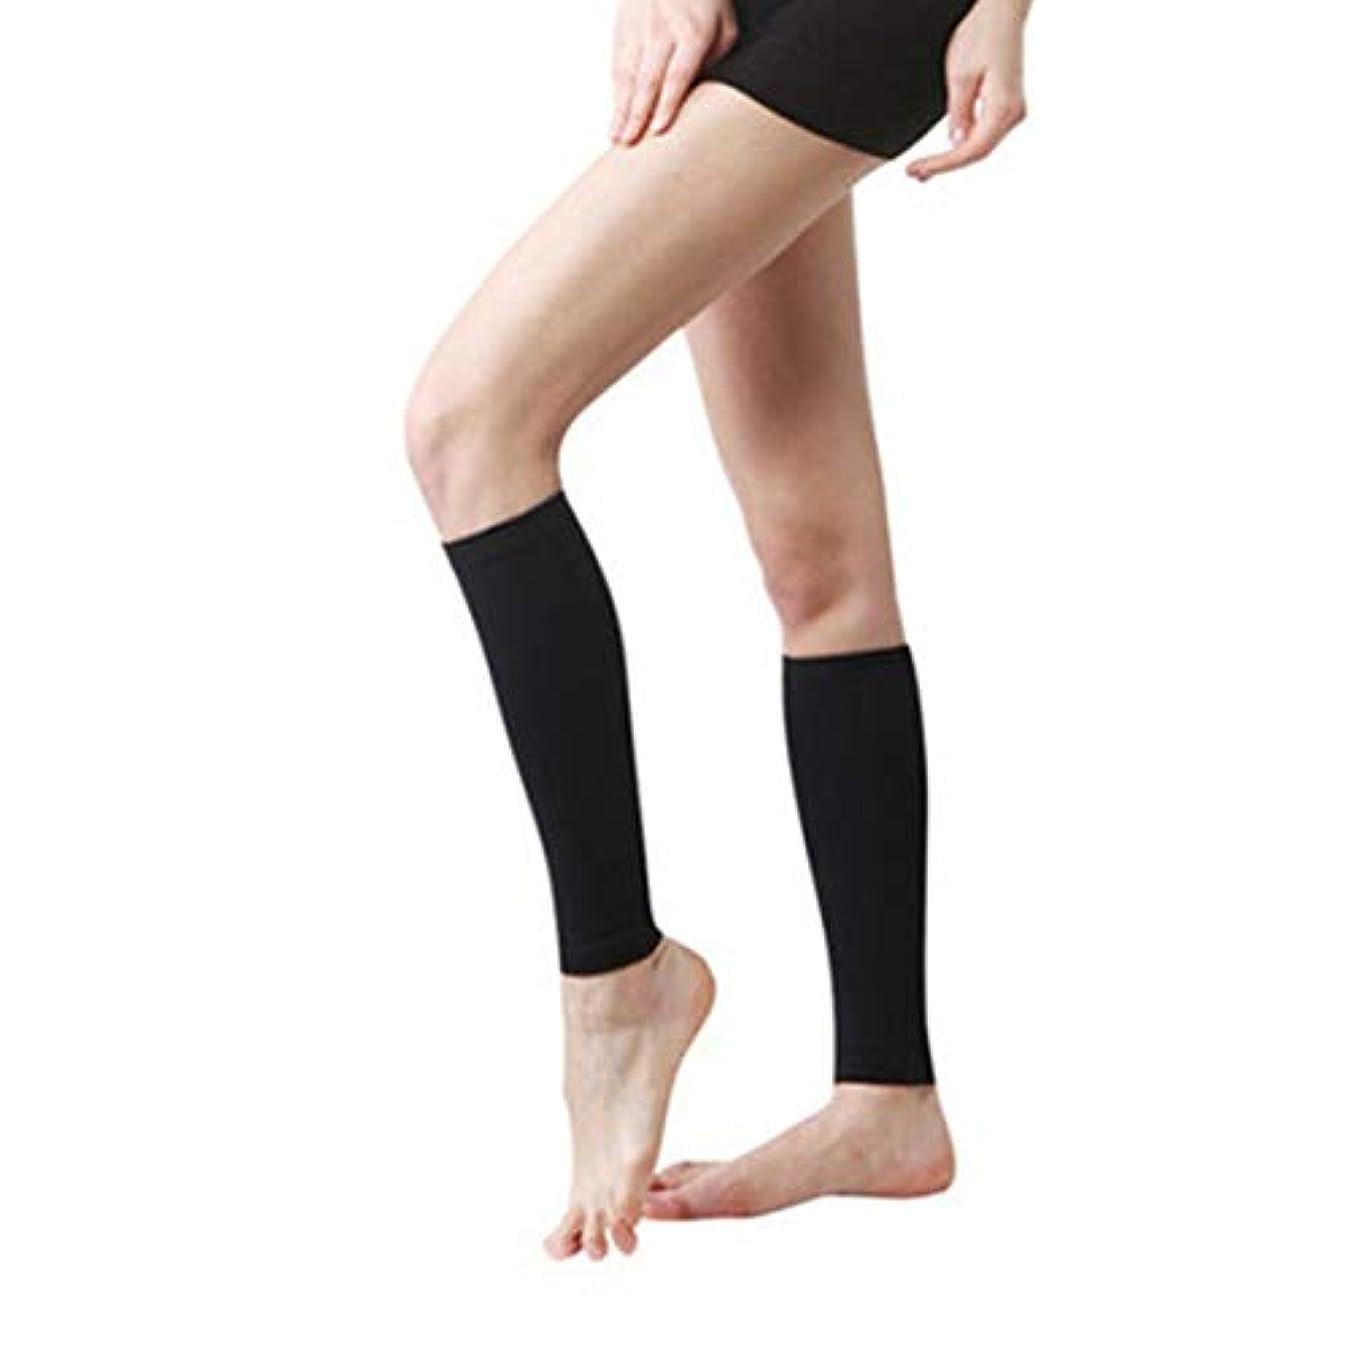 ポールクリケット会社丈夫な男性女性プロの圧縮靴下通気性のある旅行活動看護師用シンススプリントフライトトラベル - ブラック